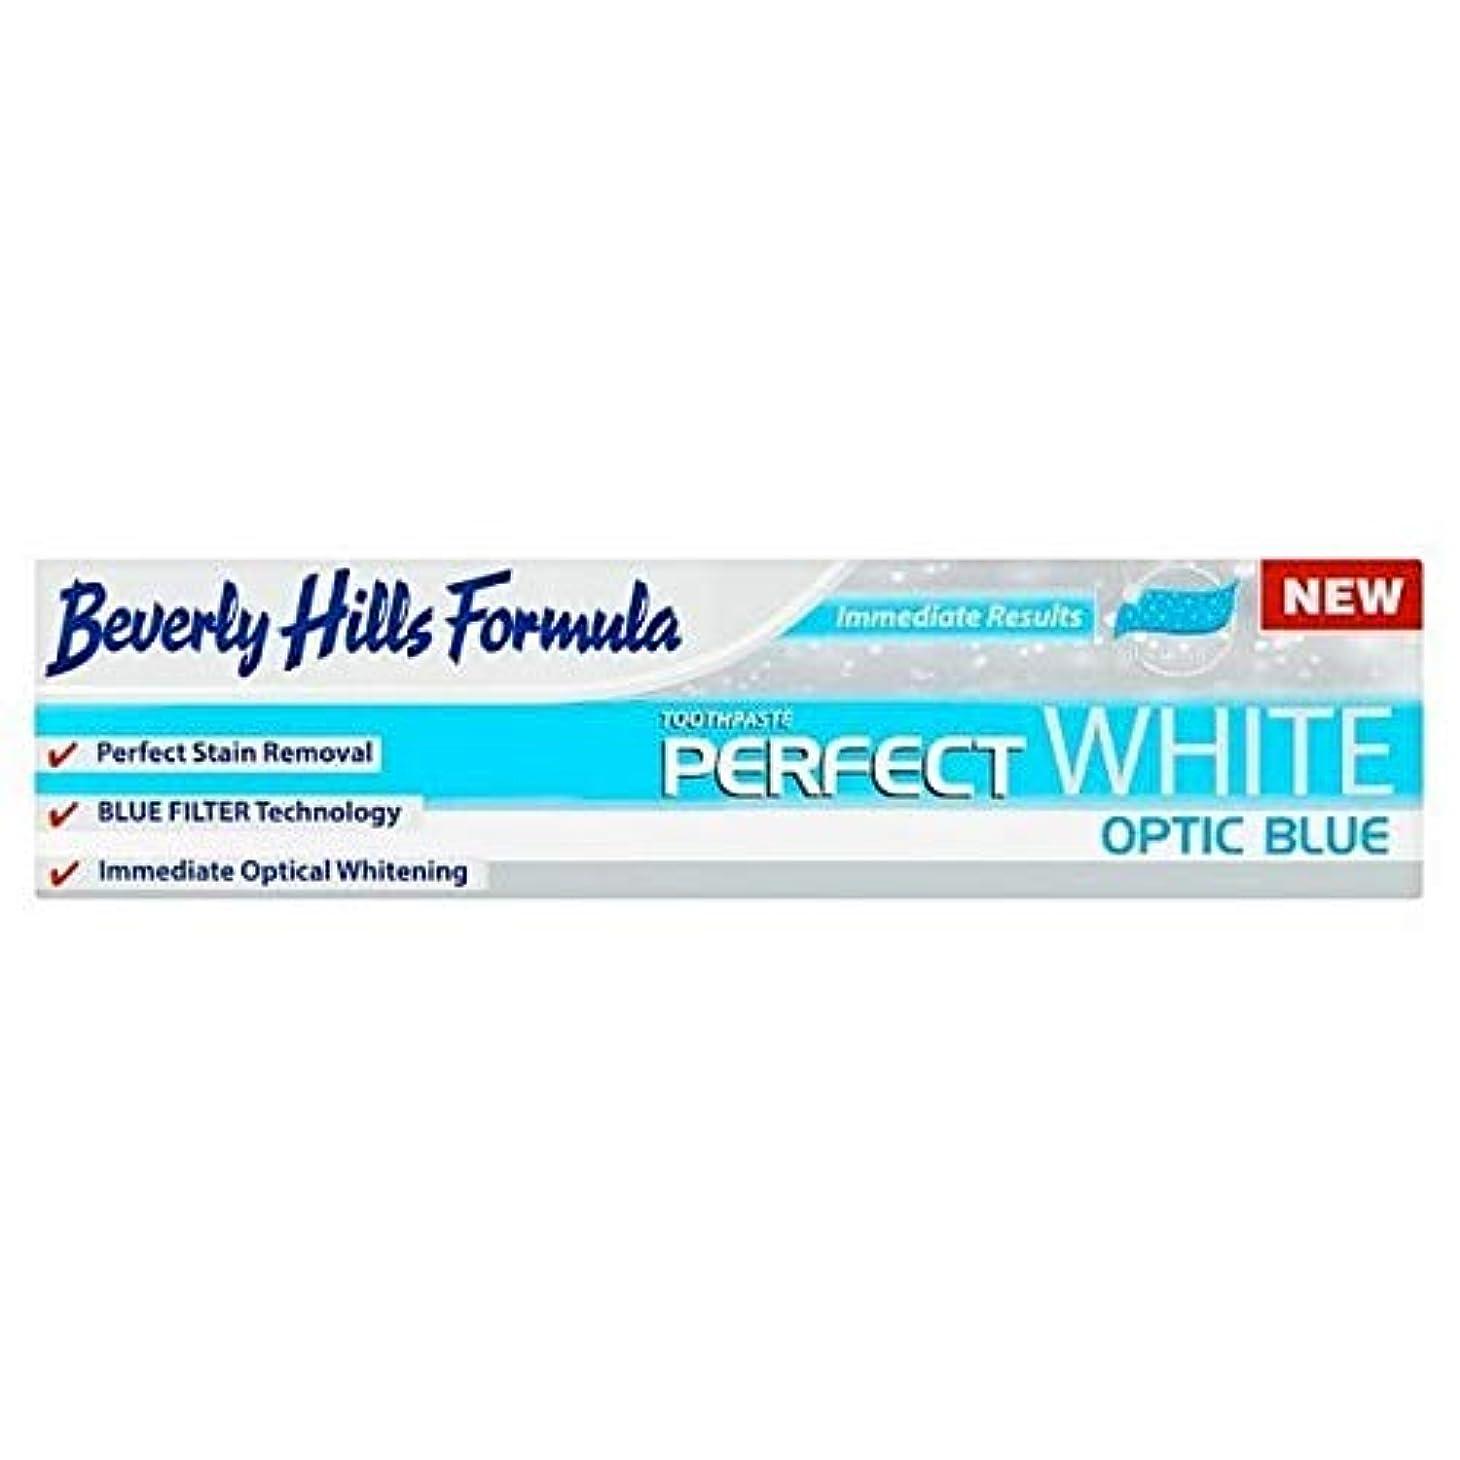 悪党失礼米国[Beverly Hills ] ビバリーヒルズ公式パーフェクトホワイト歯磨き粉の100ミリリットル - Beverly Hills Formula Perfect White toothpaste 100ml [並行輸入品]